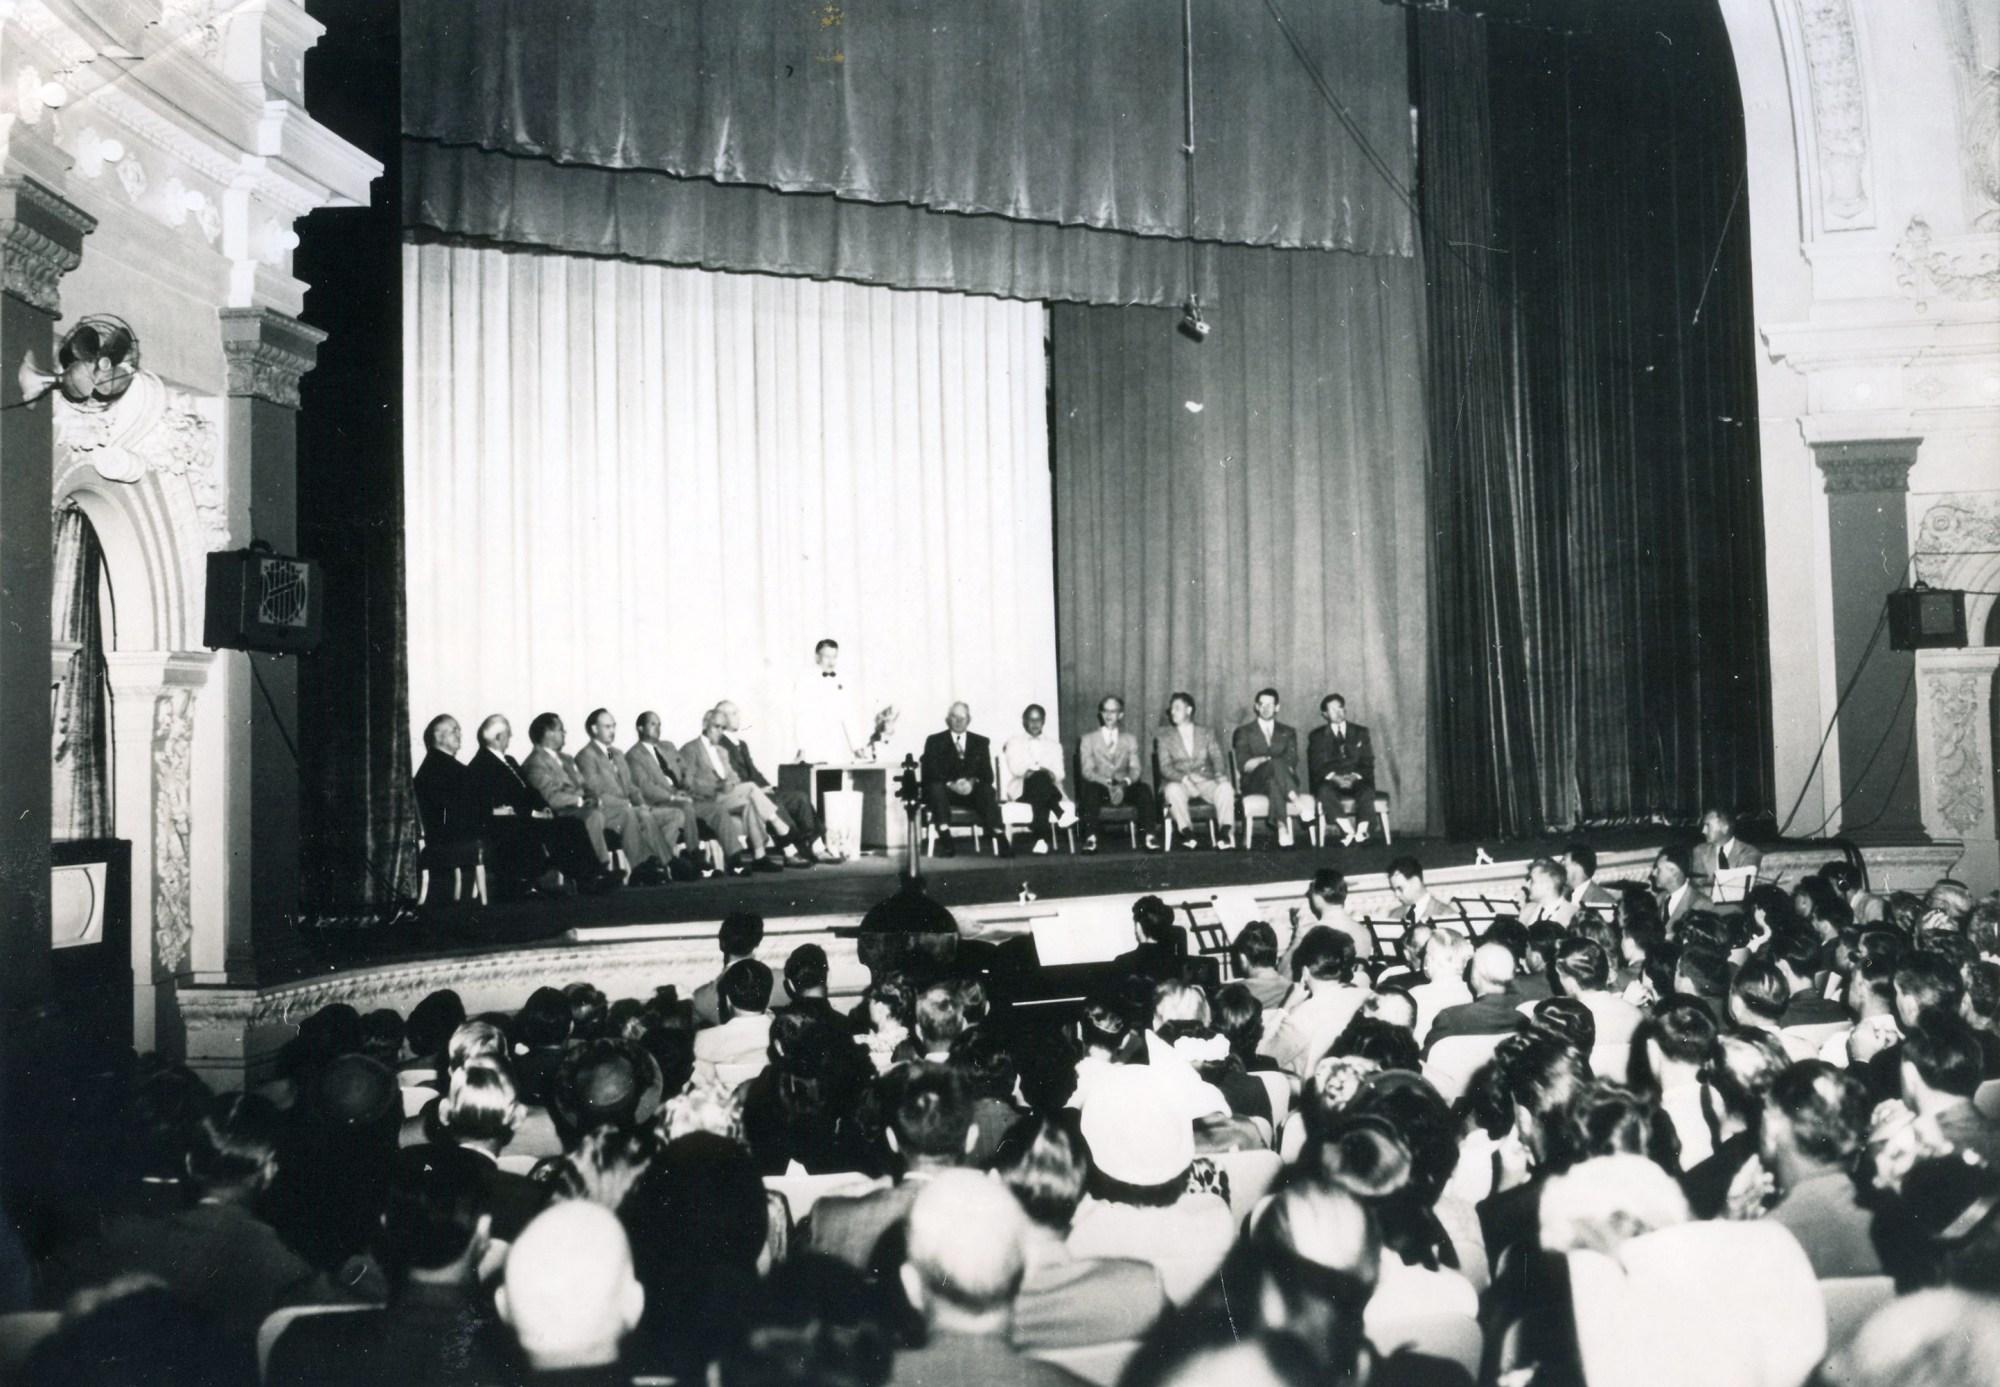 1949 WLAV launch gala